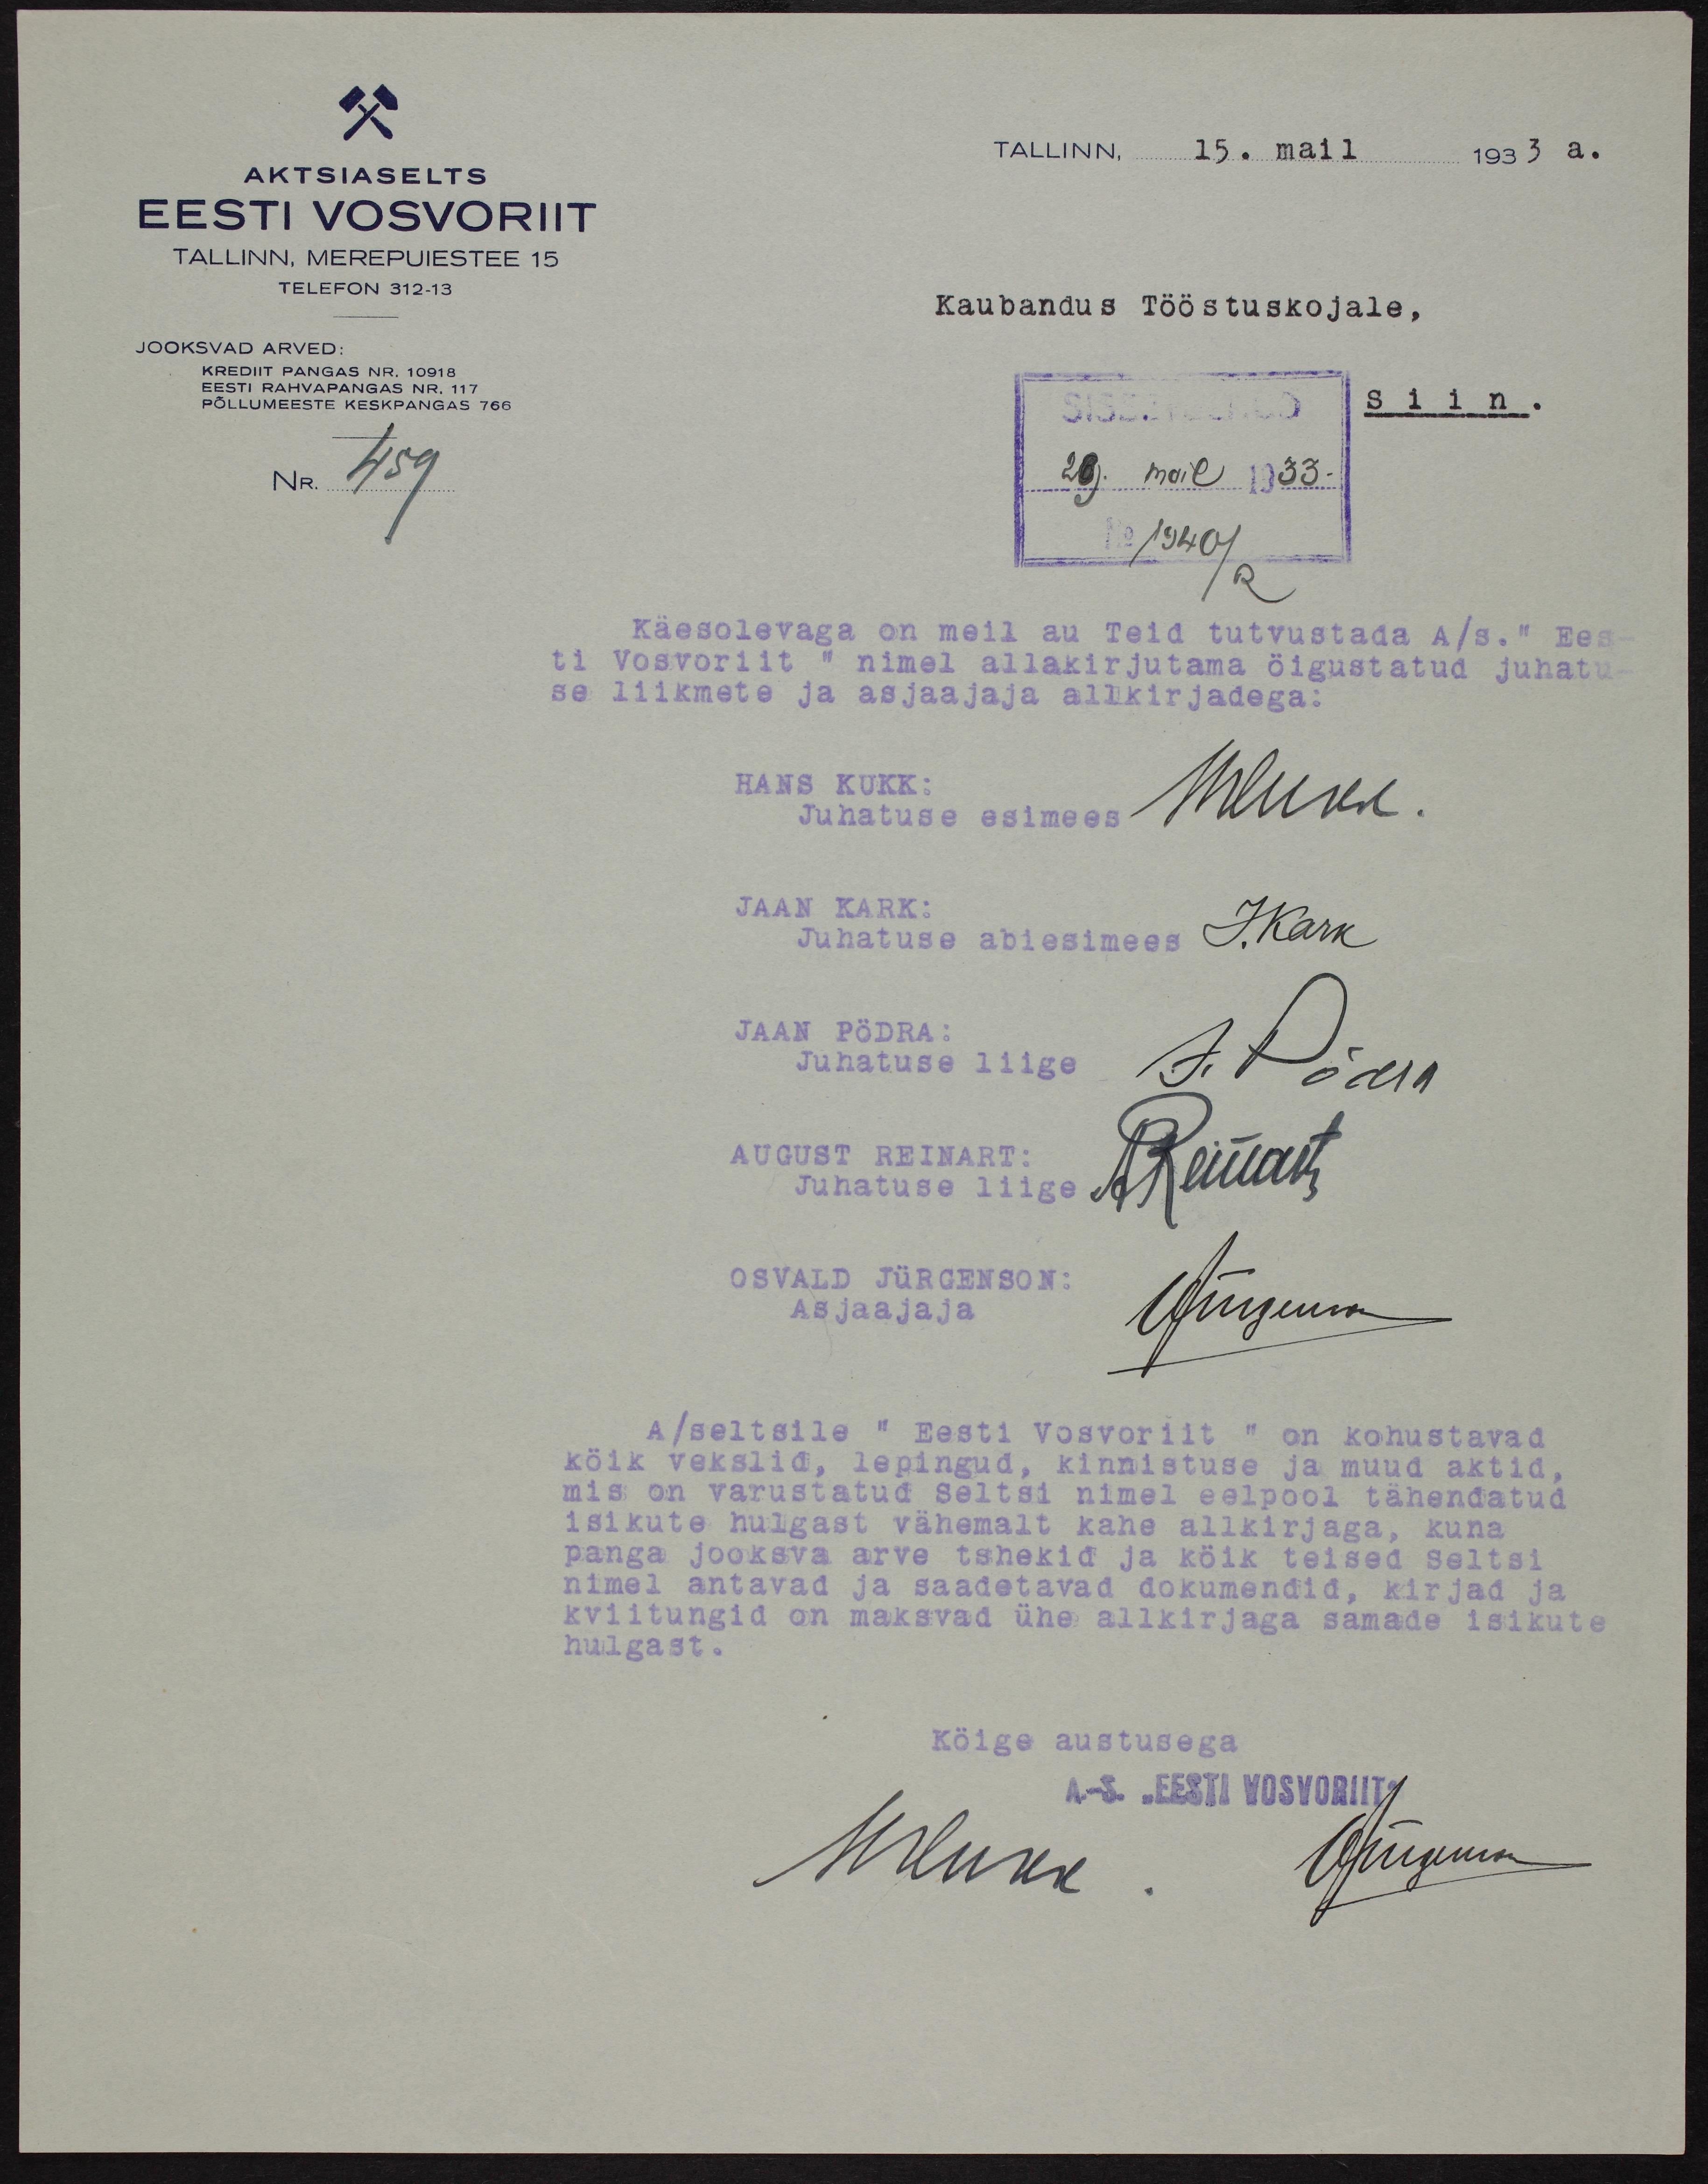 """Väljavõte aktsiaselts """"Eesti Fosforiit"""" registreerimistoimikust, 15. mai 1933. ERA.891.2.8669."""